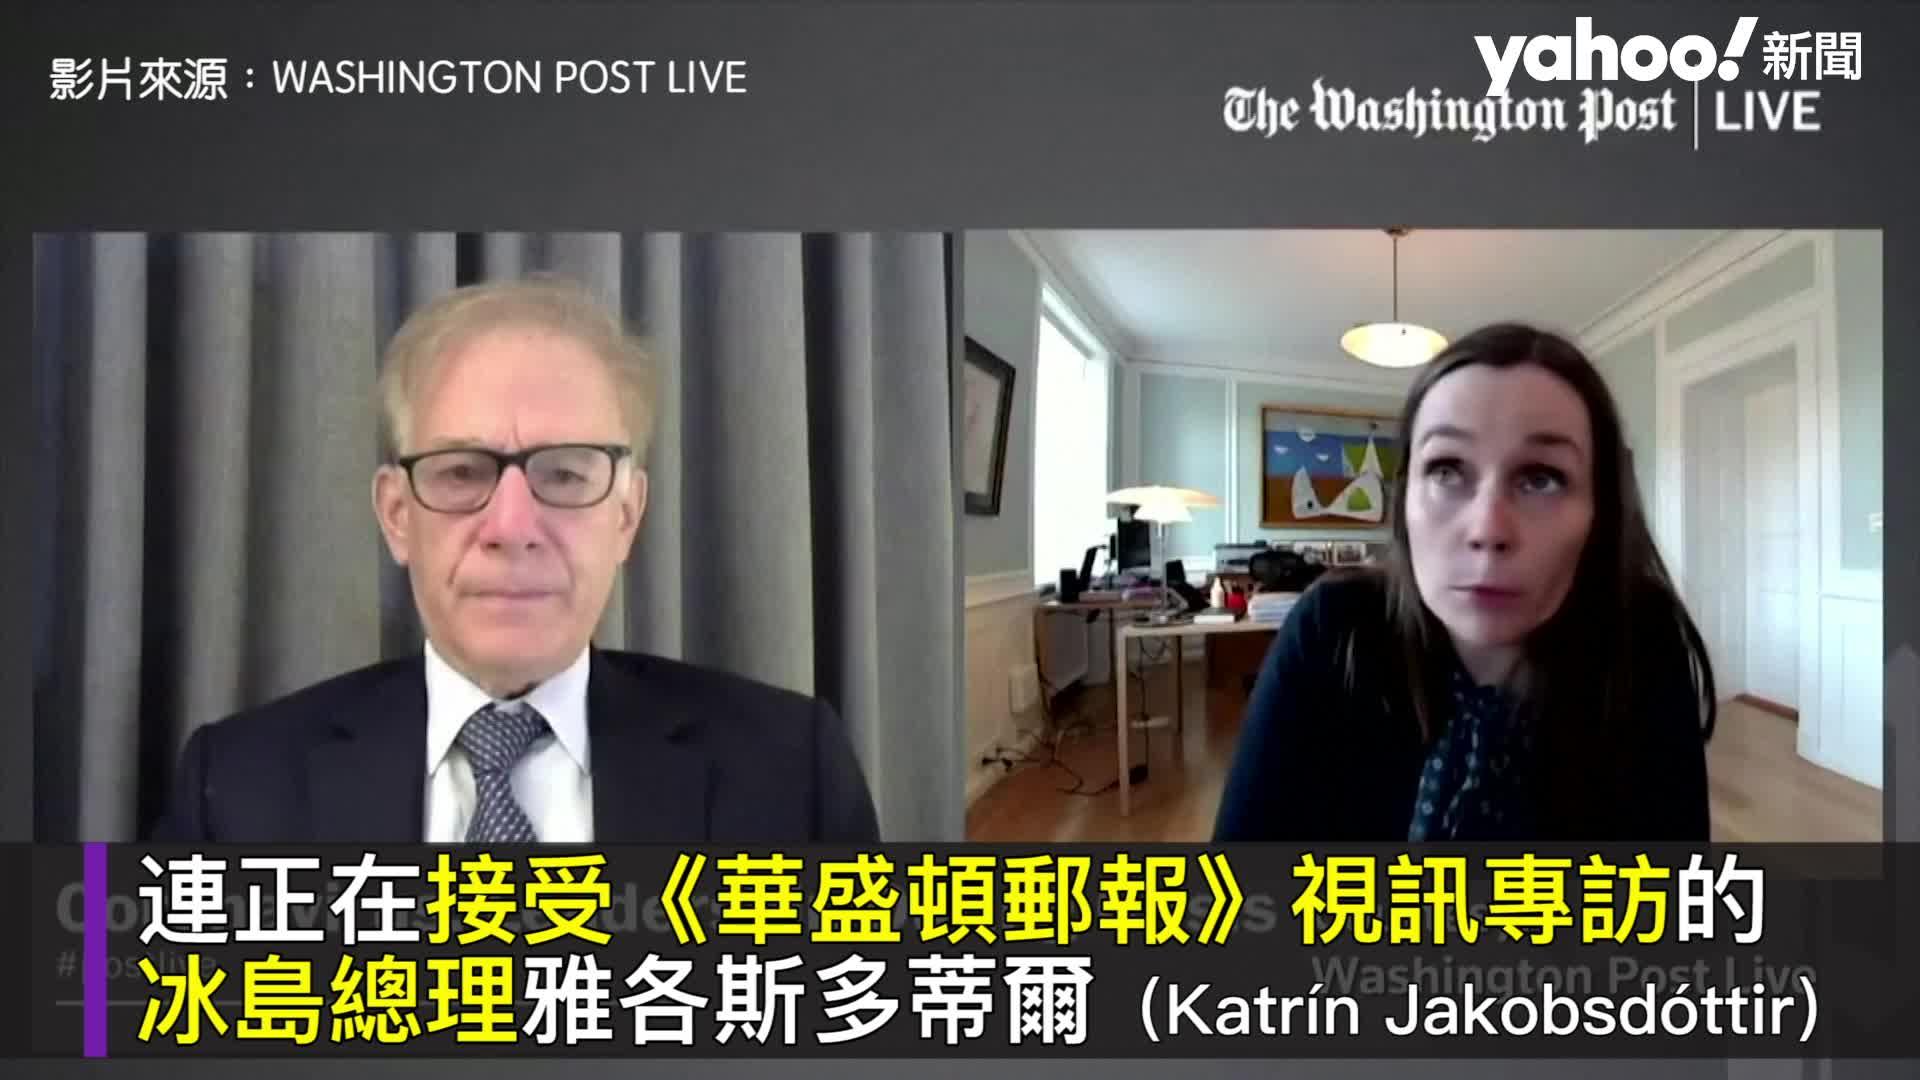 視訊專訪突天搖地動 冰島女總理秒變臉喊:天啊有地震